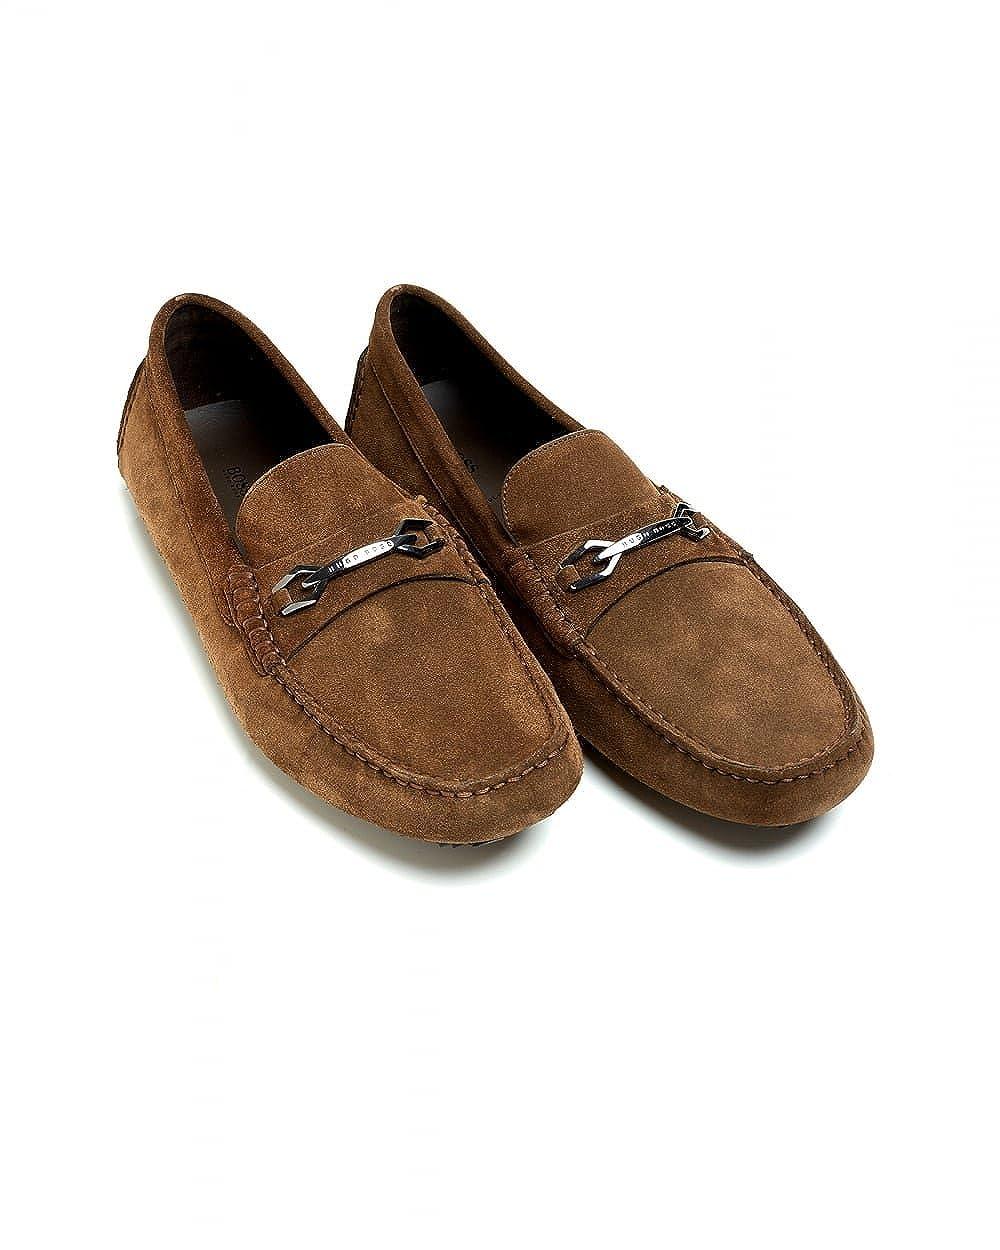 Hugo Boss - Mocasines para Hombre marrón marrón: Amazon.es: Zapatos y complementos